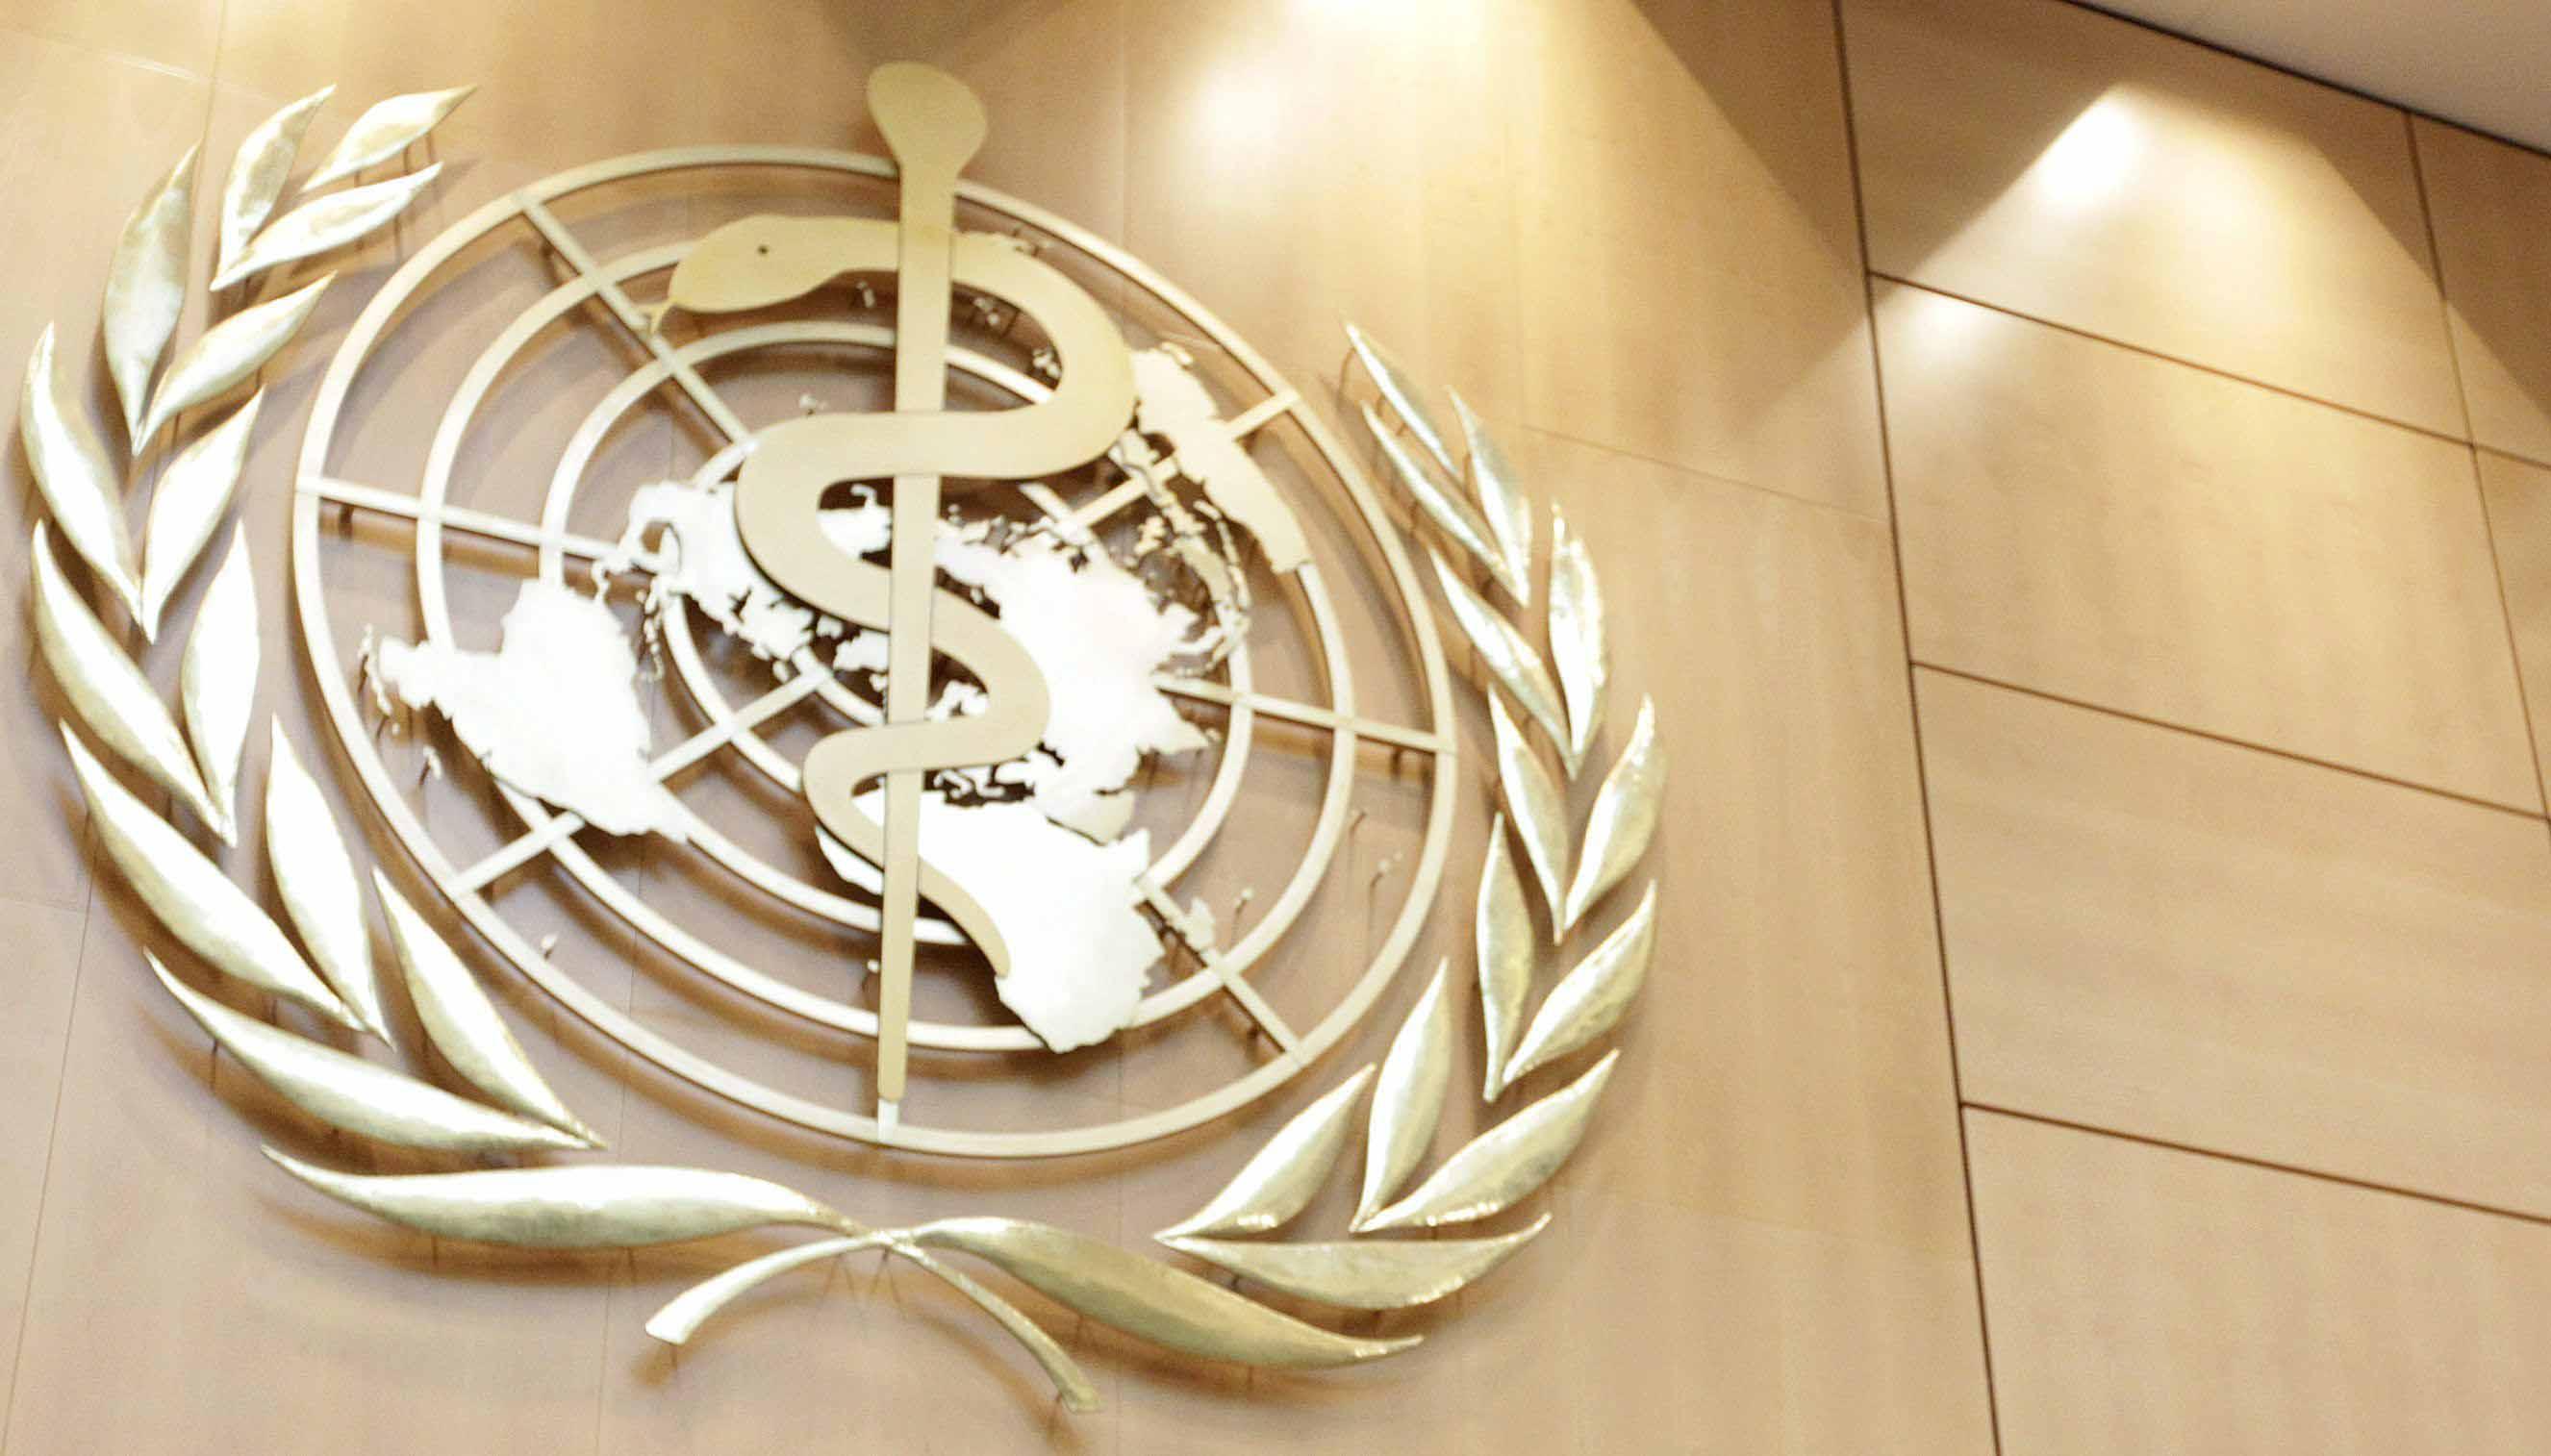 Aunque la tasa de mortalidad de casos recientes ha disminuido, la organización insta a los países a actuar con vacunas y medicamentos